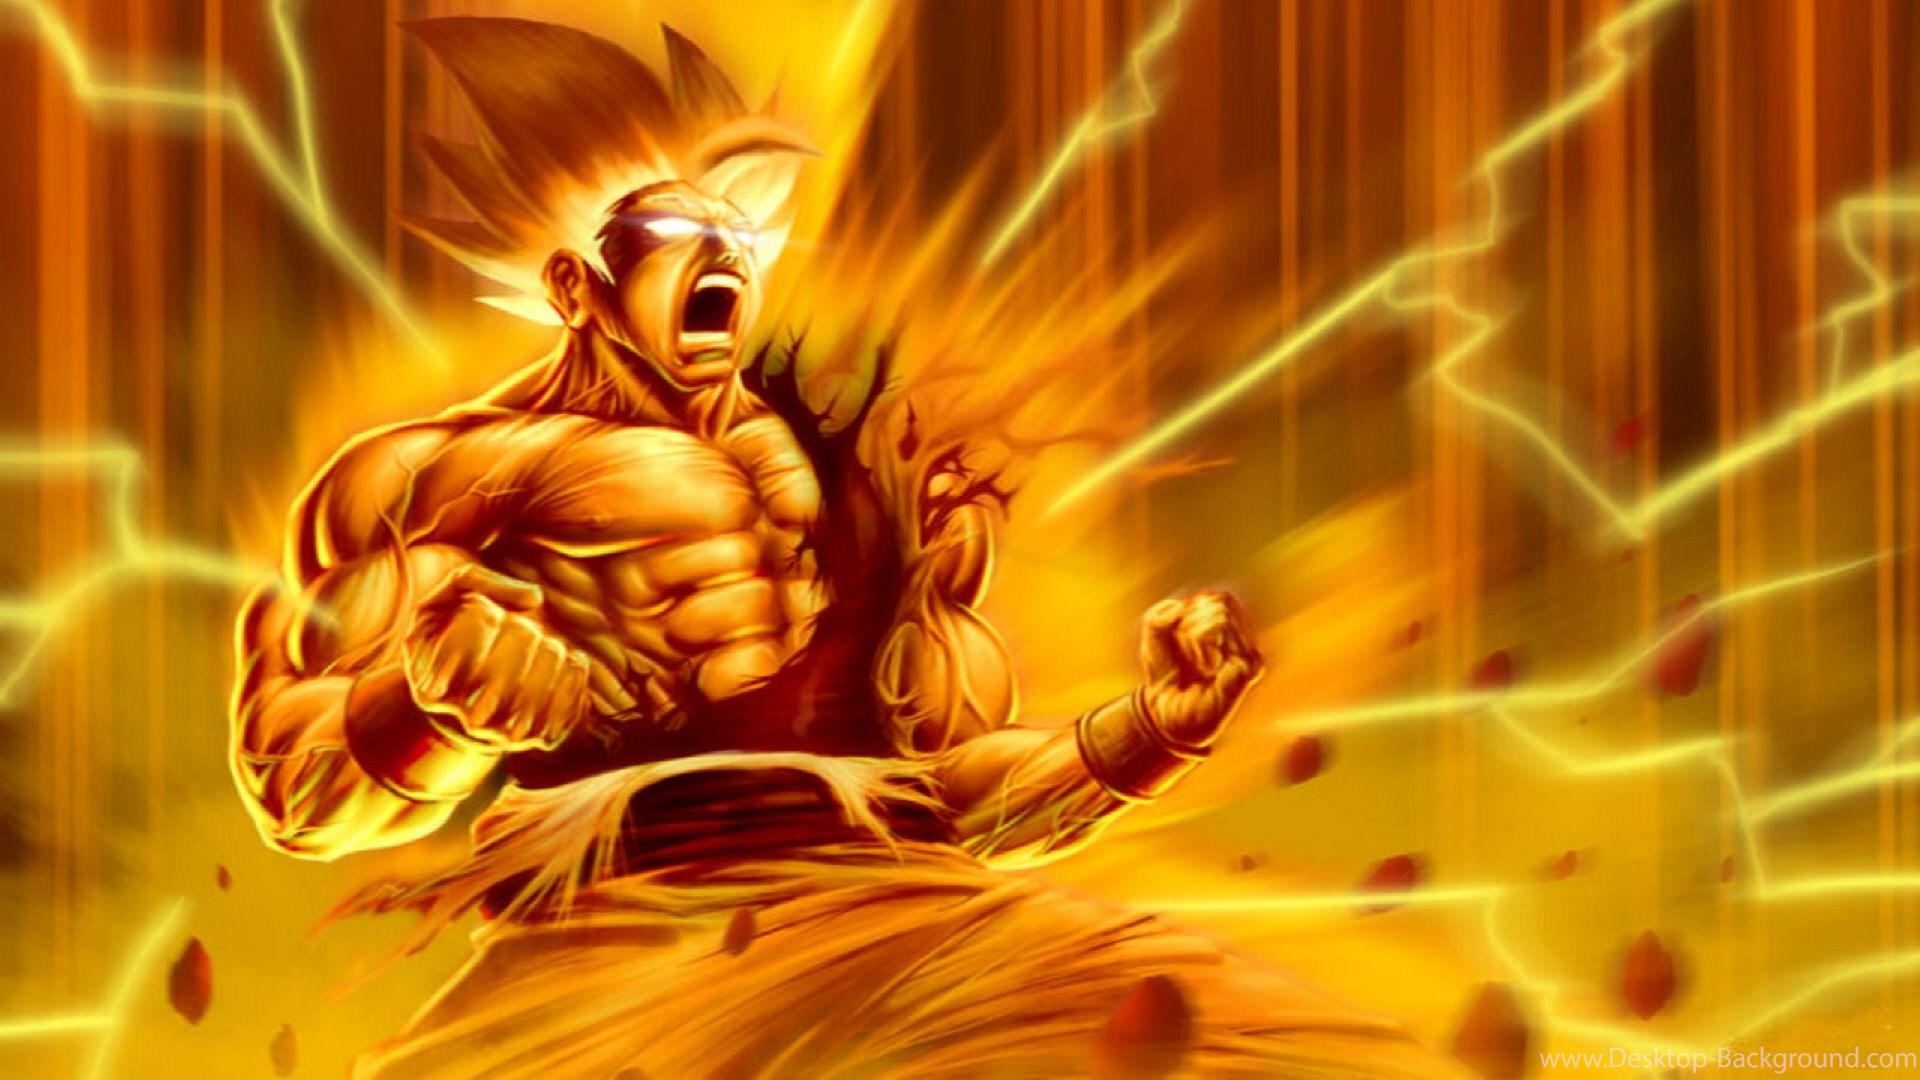 Popular Goku Super Saiyan Hd Wallpapers 1080p 1648669